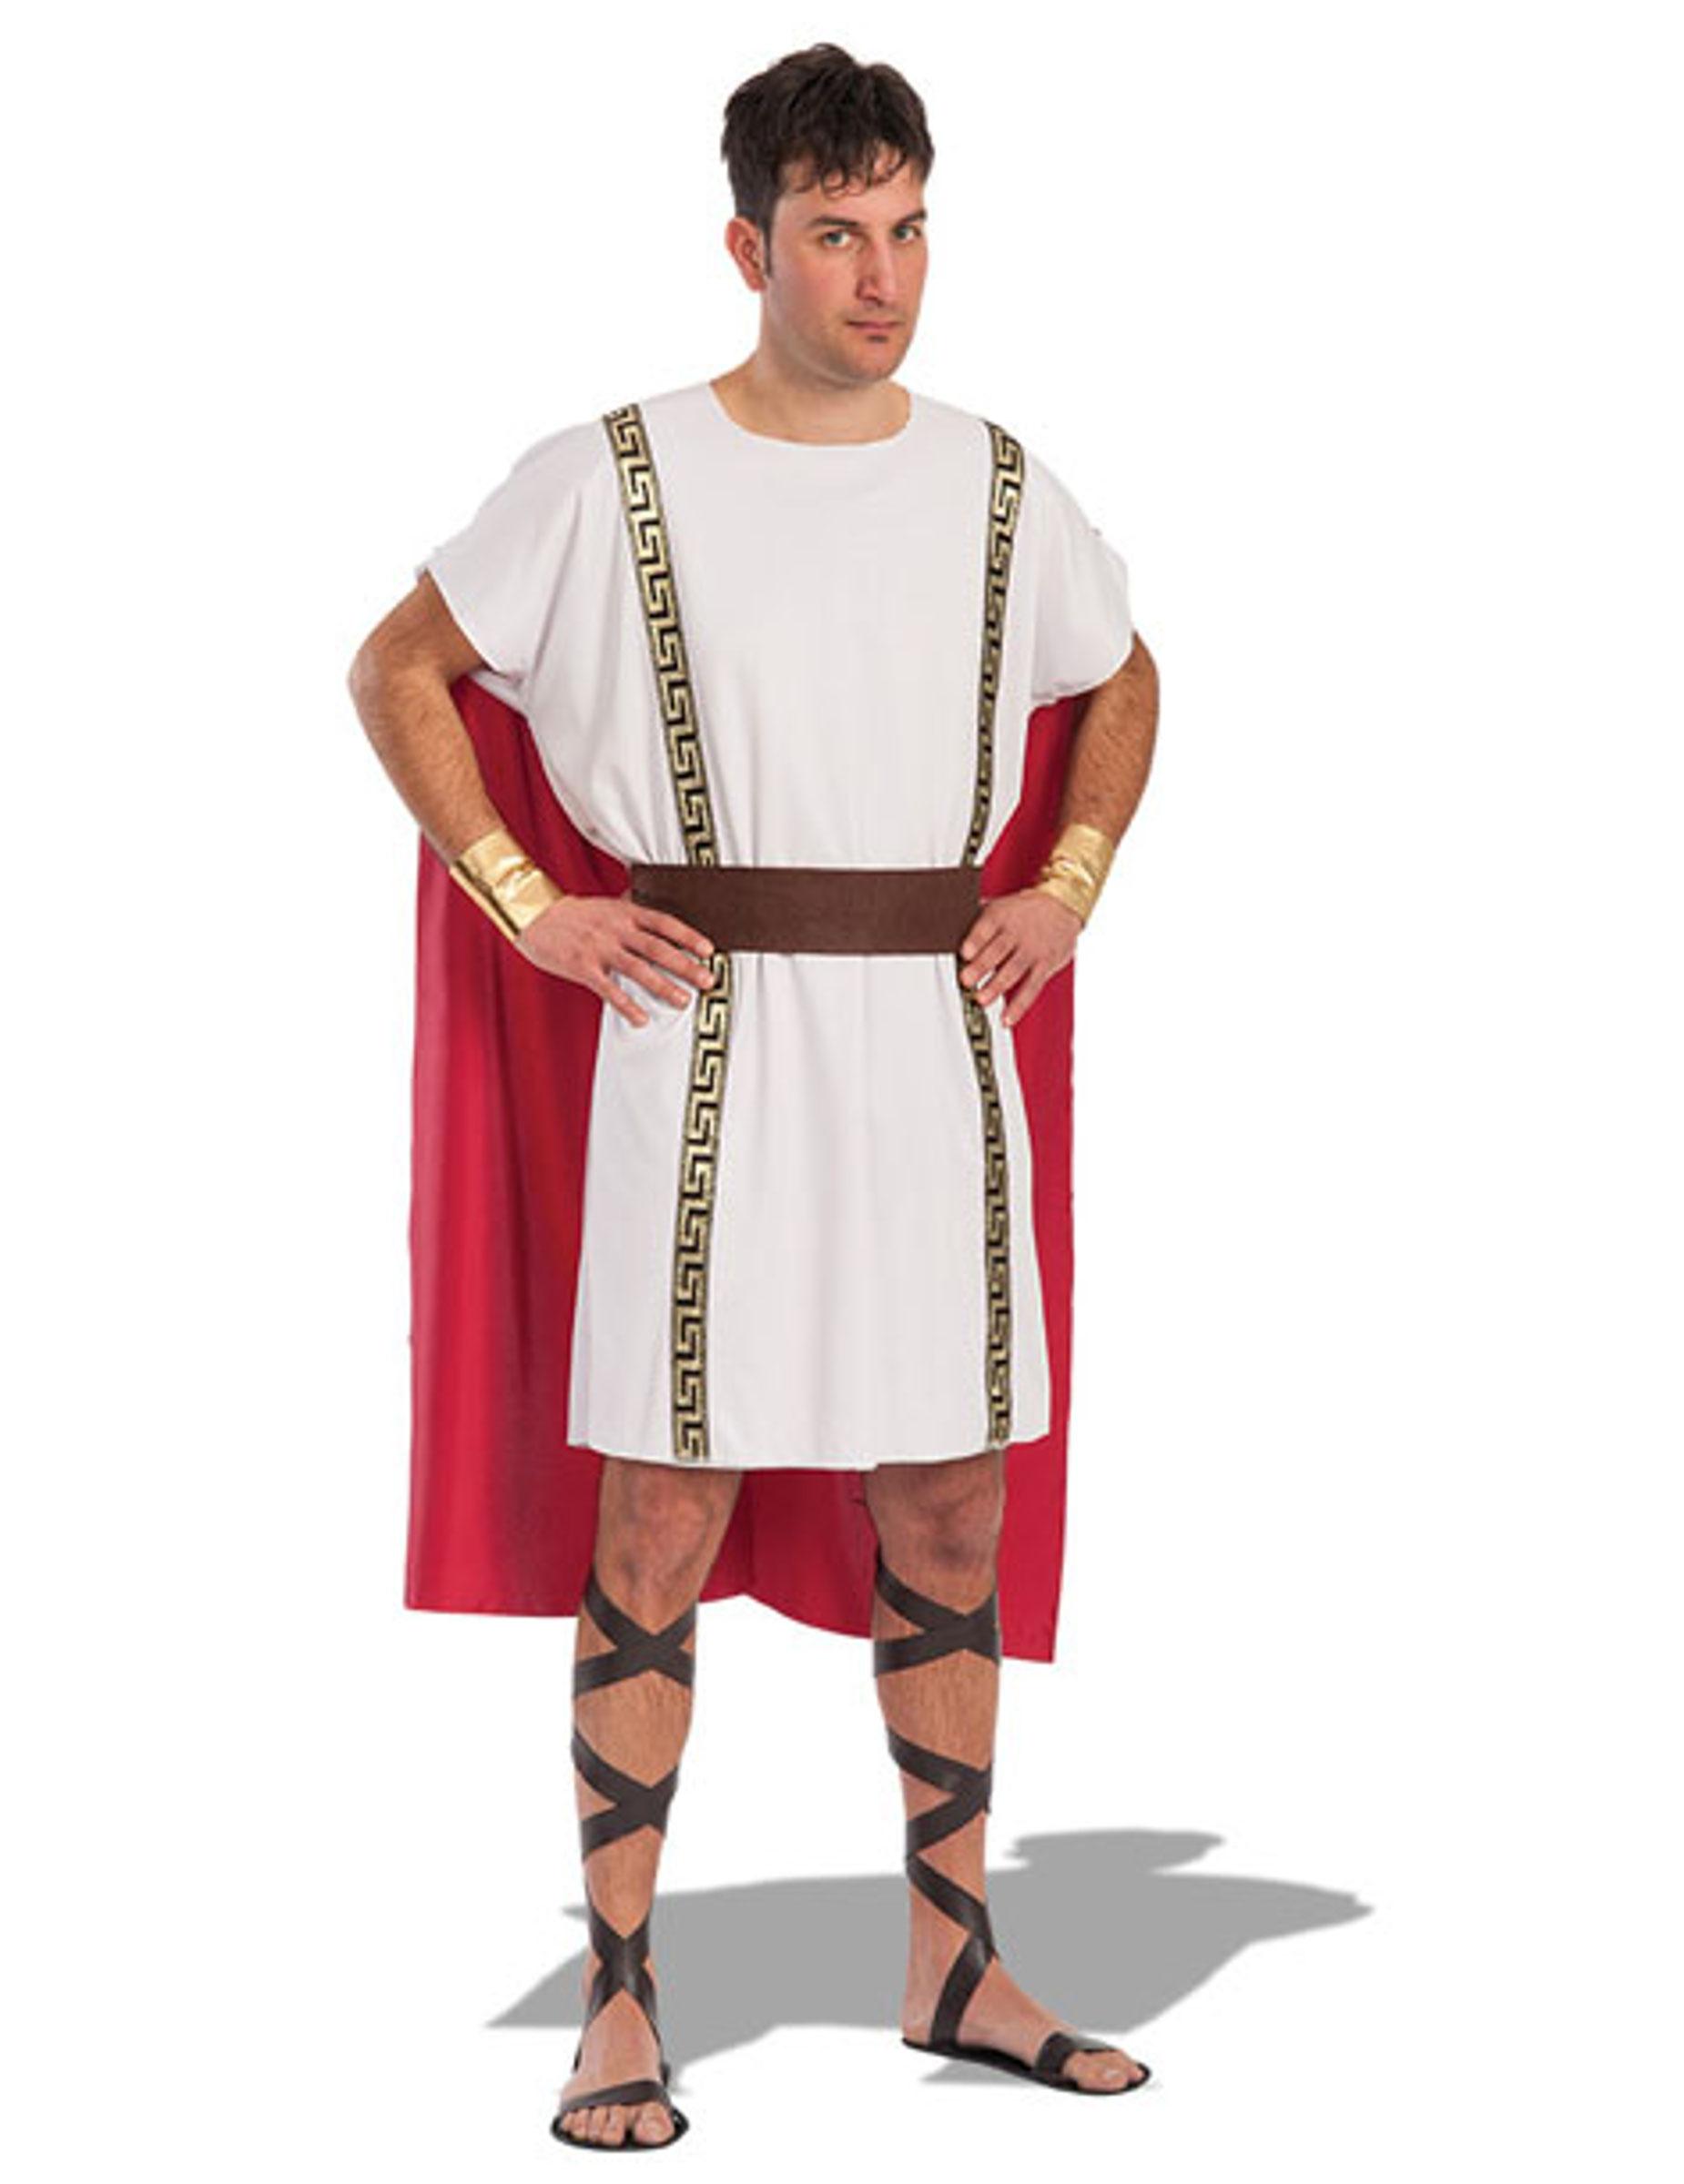 d guisement romain homme deguise toi achat de d guisements adultes. Black Bedroom Furniture Sets. Home Design Ideas